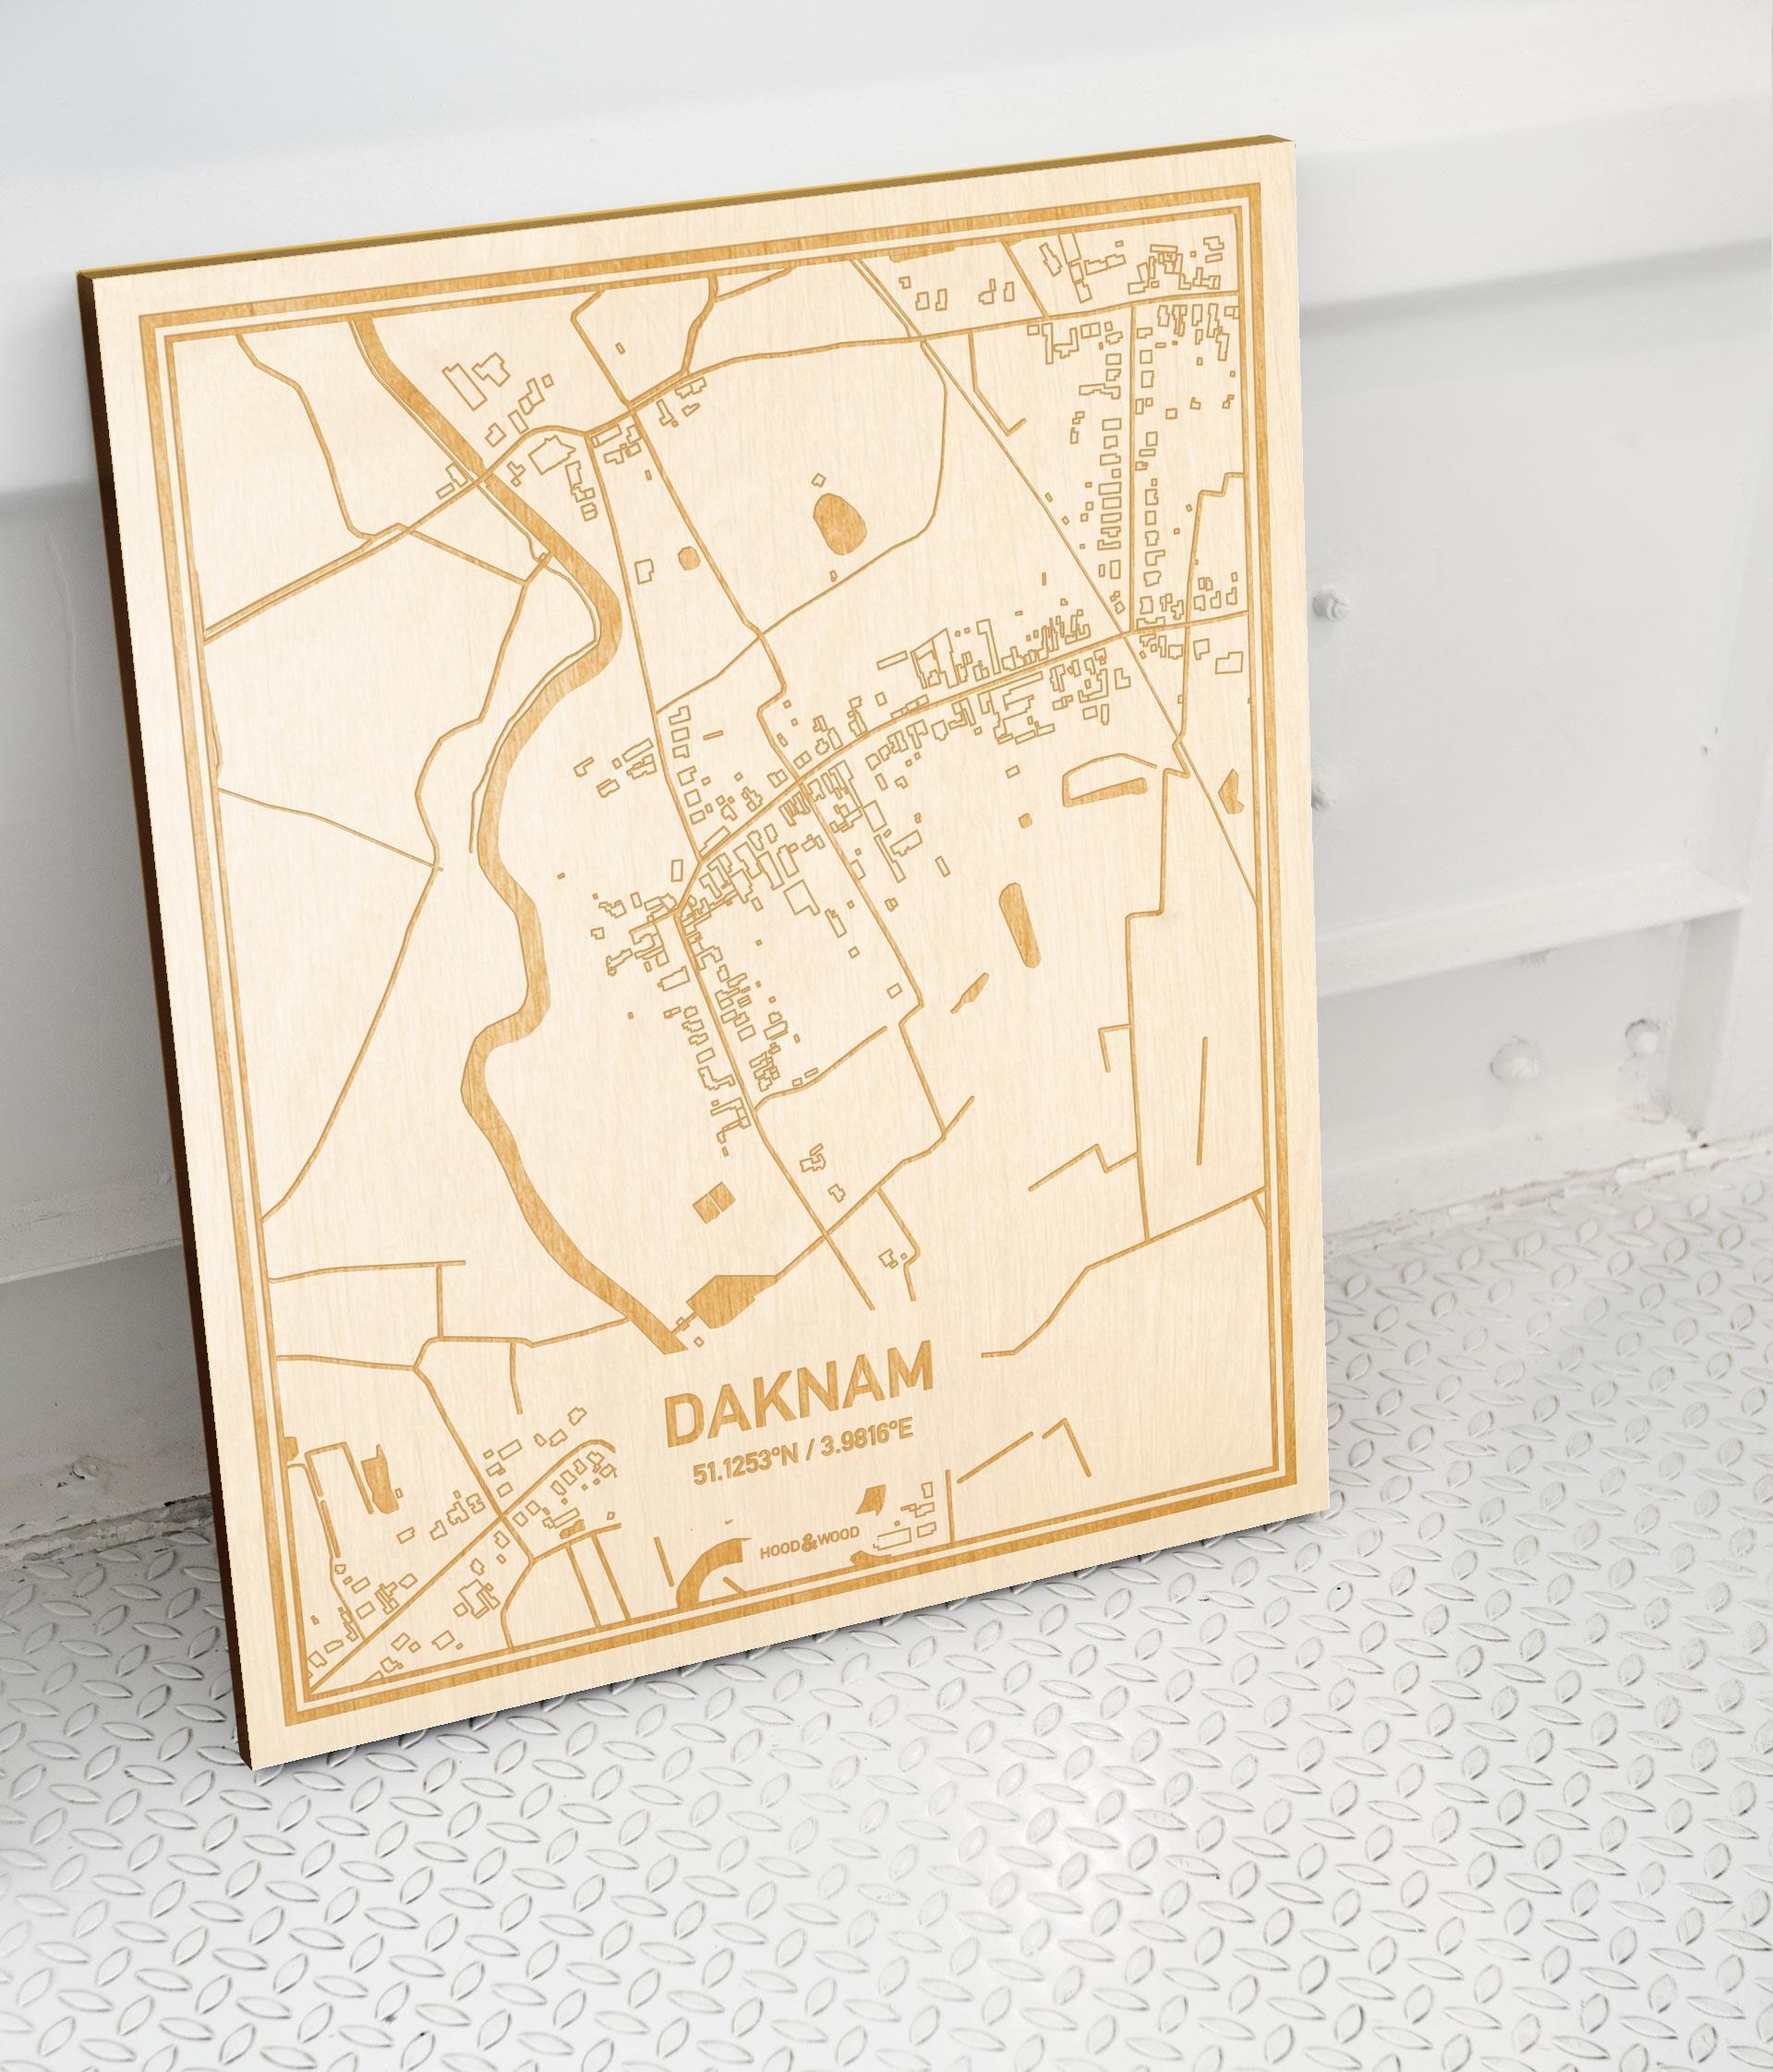 Plattegrond Daknam als prachtige houten wanddecoratie. Het warme hout contrasteert mooi met de witte muur.